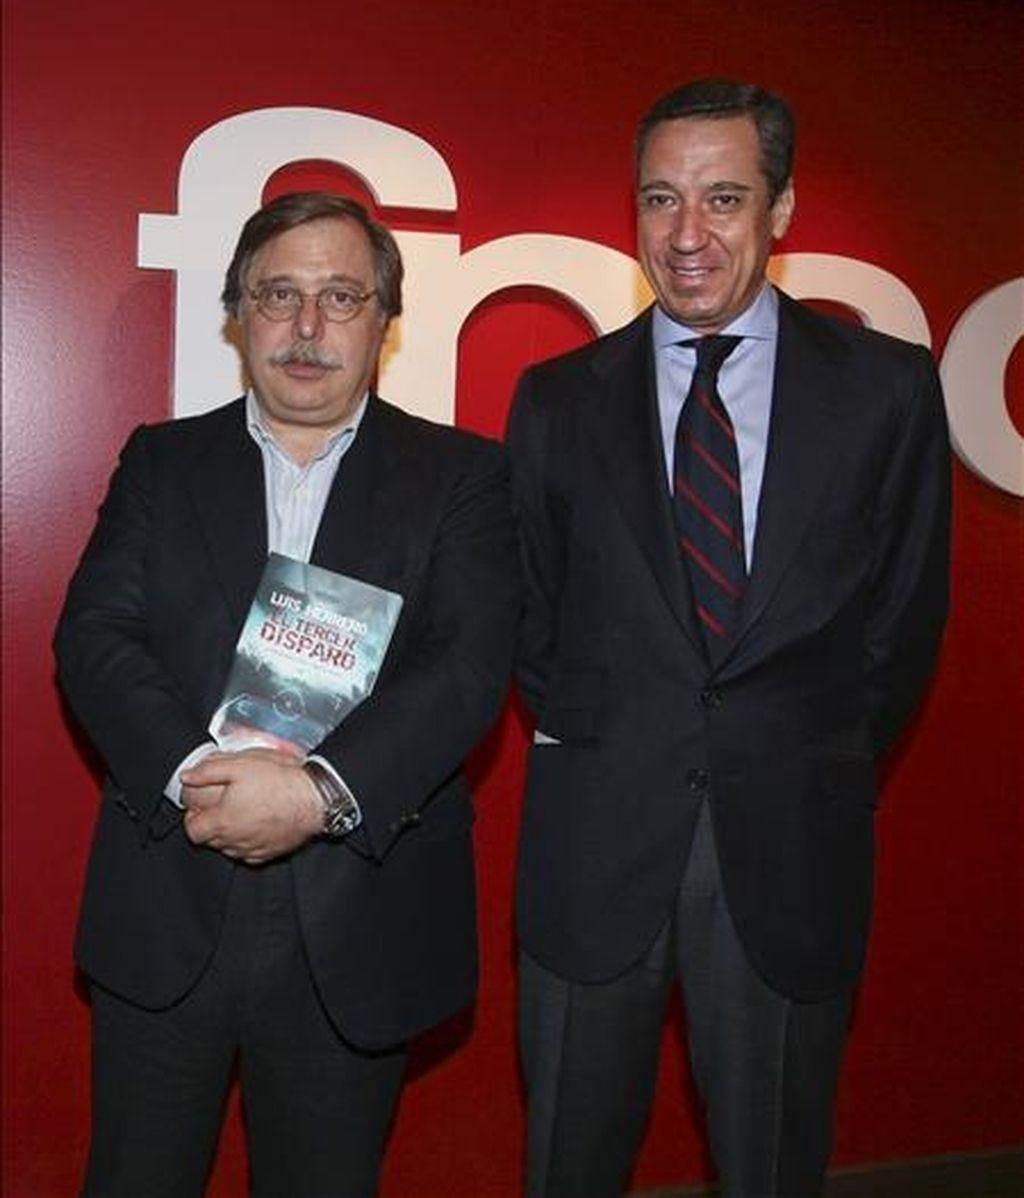 """El eurodiputado del Partido Popular Luis Herrero,iz, acompañado por el ex portavoz parlamentario del PP Eduardo Zaplana,d, durante la presentación de su primera novela, """"El tercer disparo"""". EFE"""